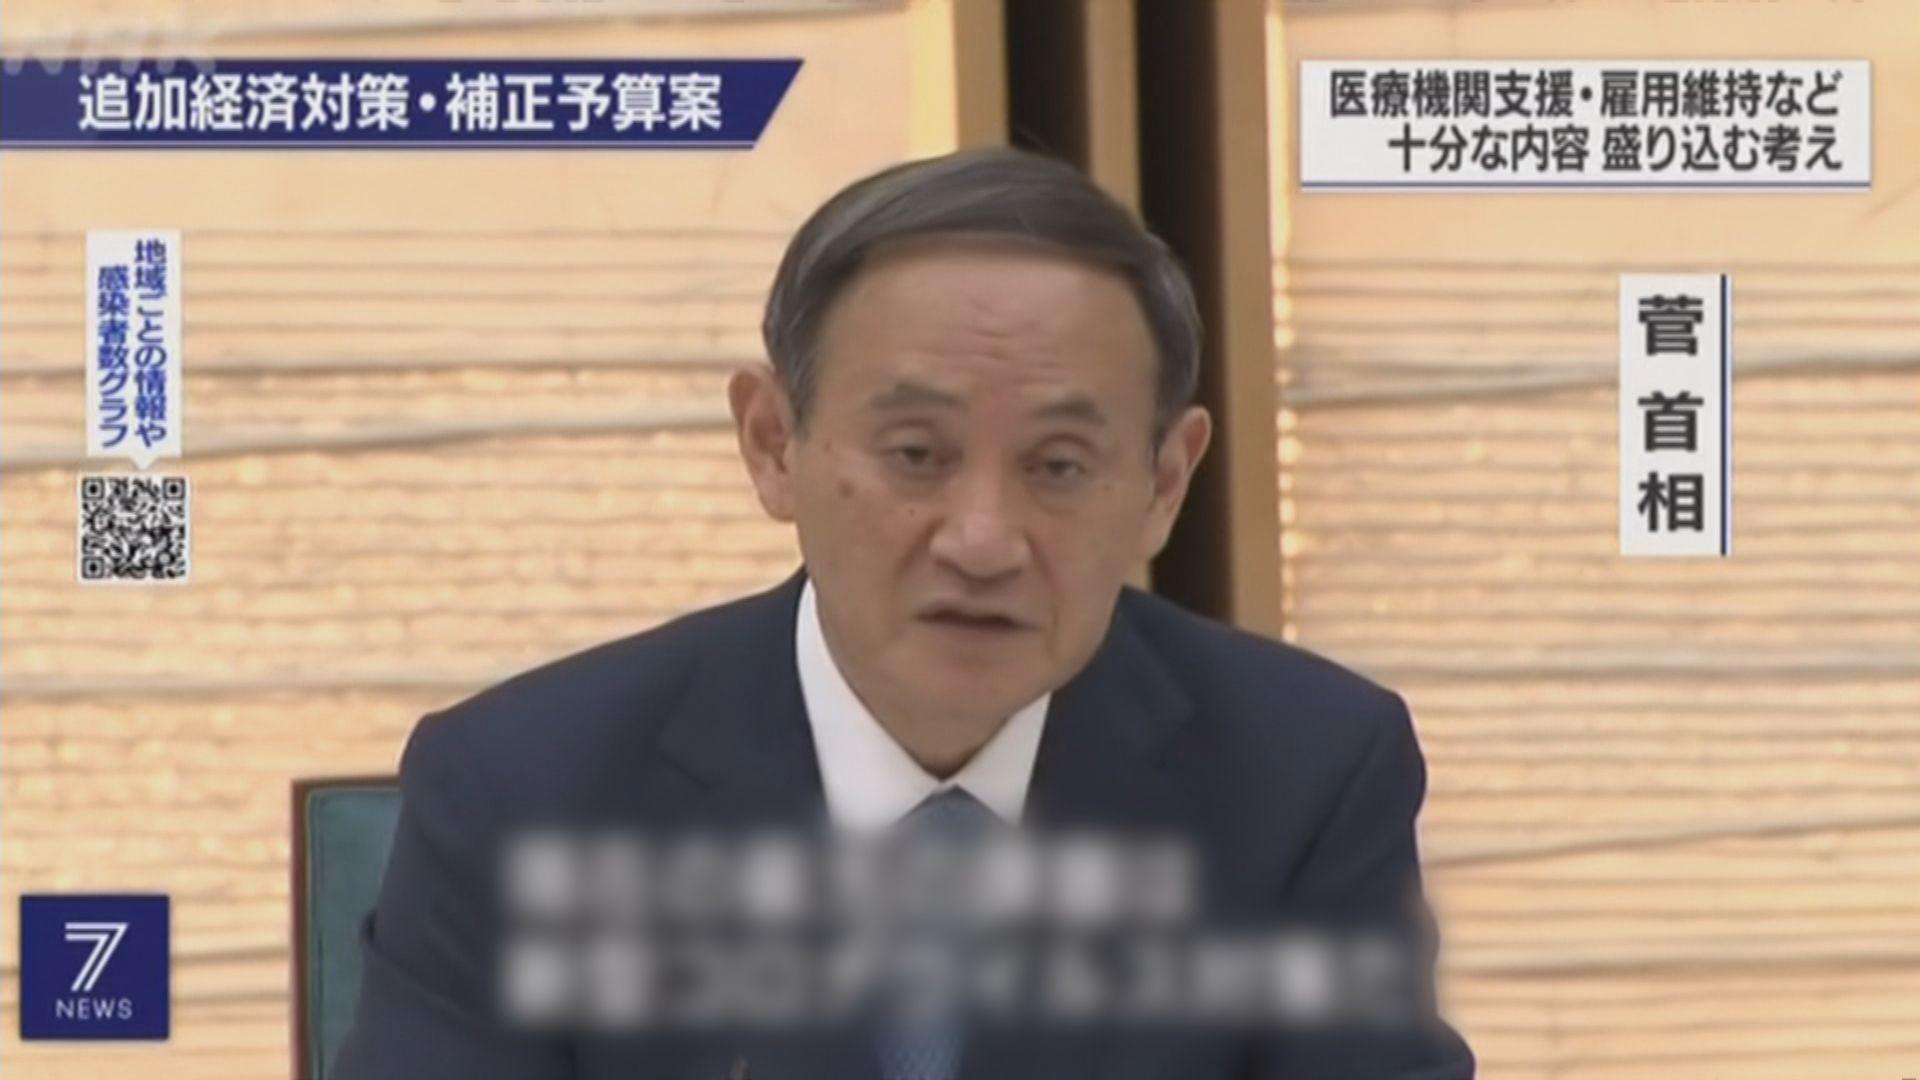 疫情未見緩和 日揆籲大阪札幌民眾暫停使用本地遊補貼